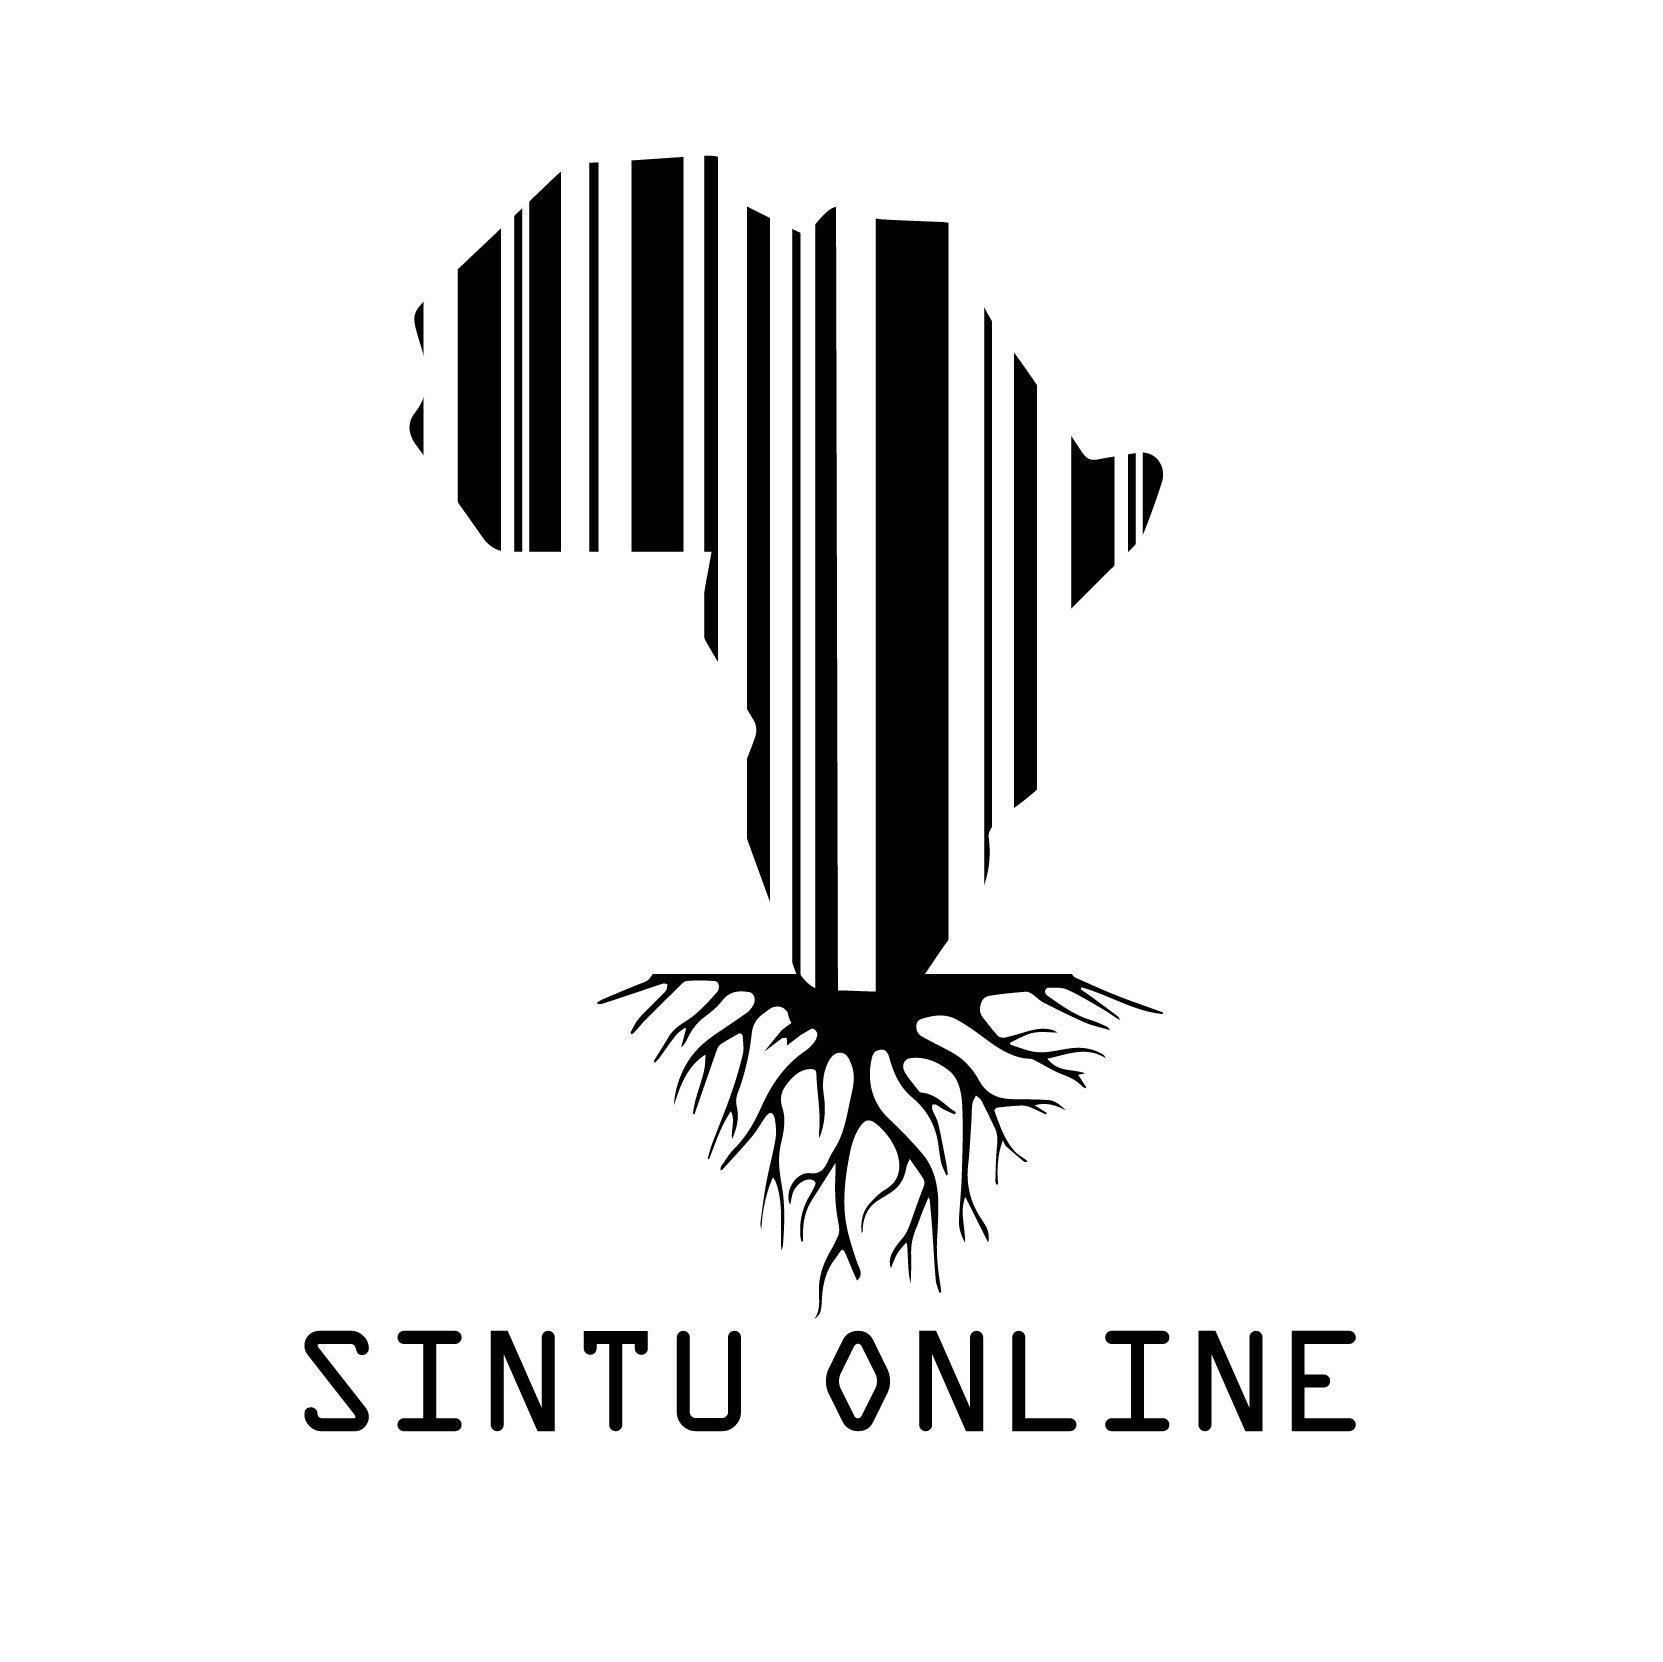 SintuOnline.com